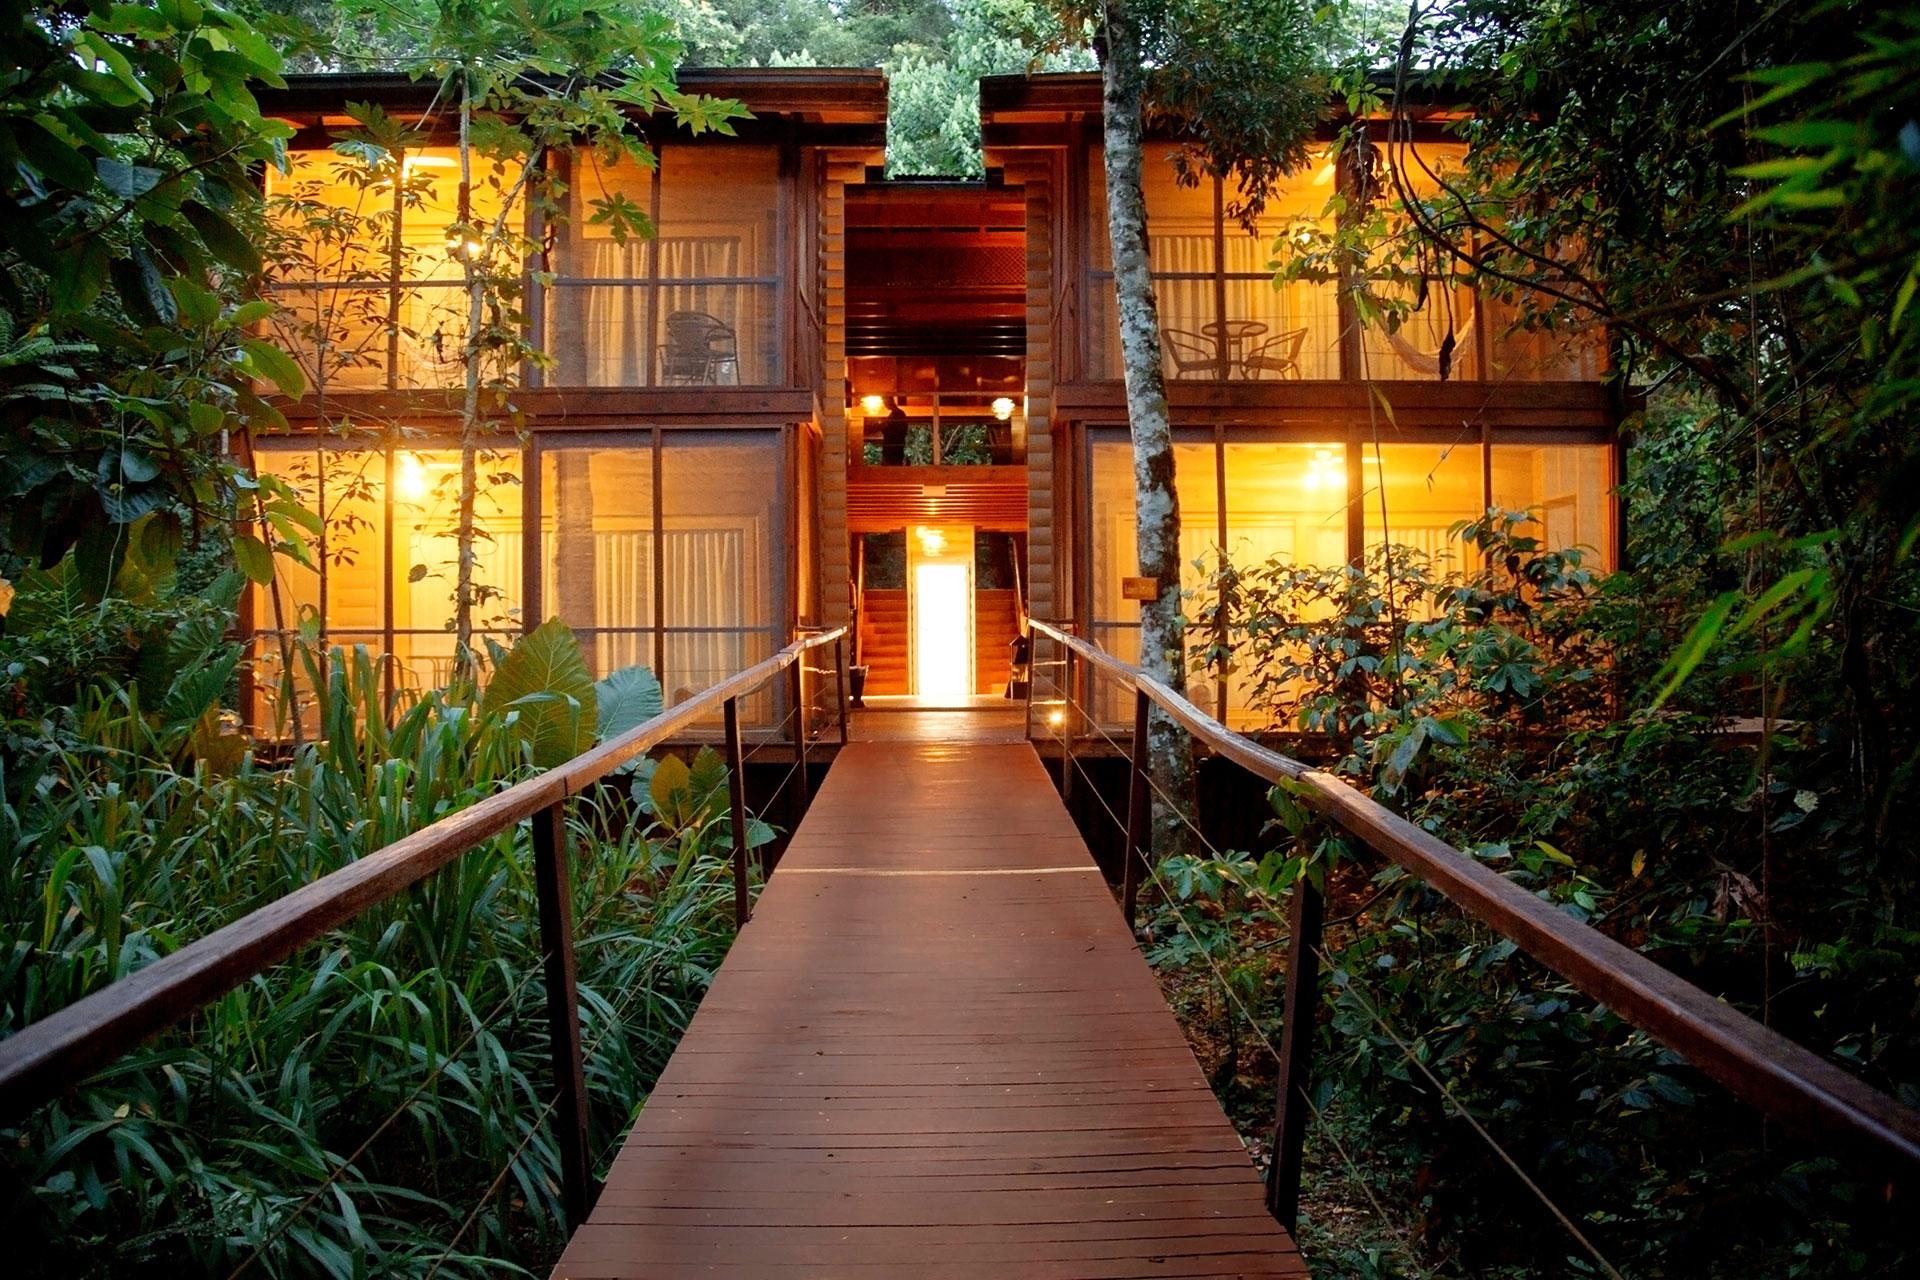 Las claves para descubrir un destino único en el corazón de la selva misionera y sumergirse en un paisaje verde infinito para celebrar la naturaleza en estado puro (La Cantera Lodge de Selva by DON)